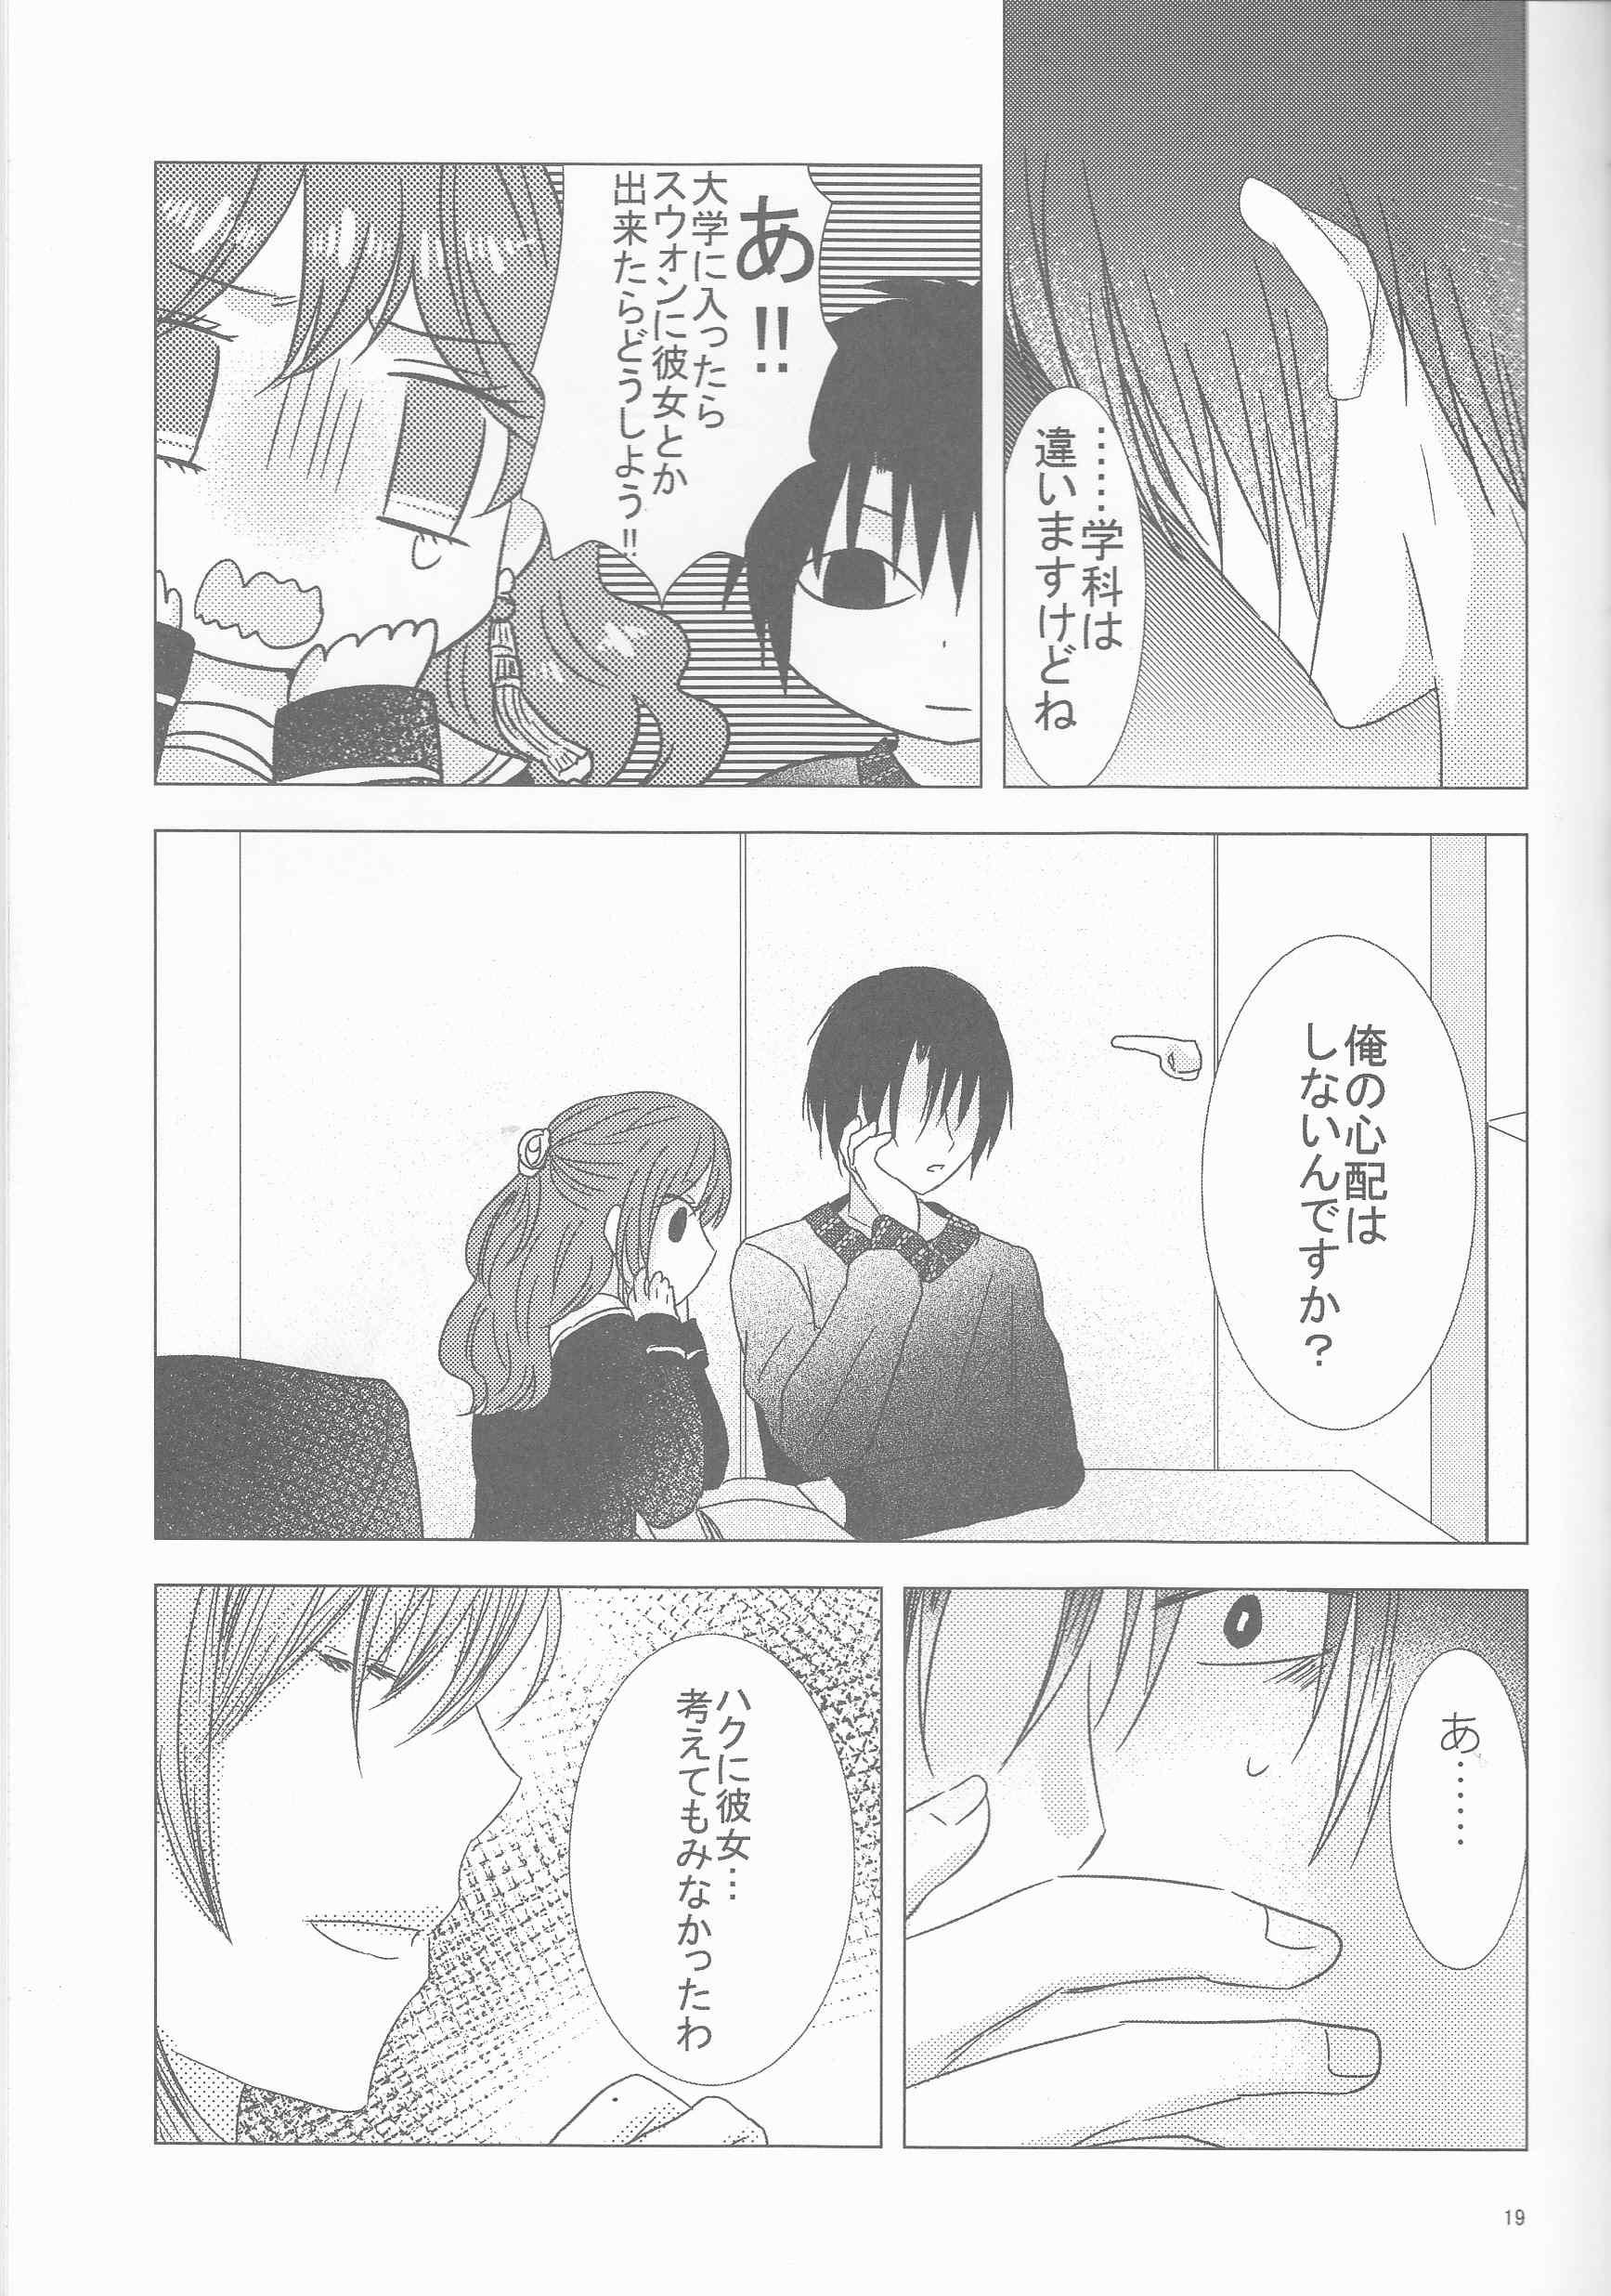 教えて STUDY (暁のヨナ) (19)